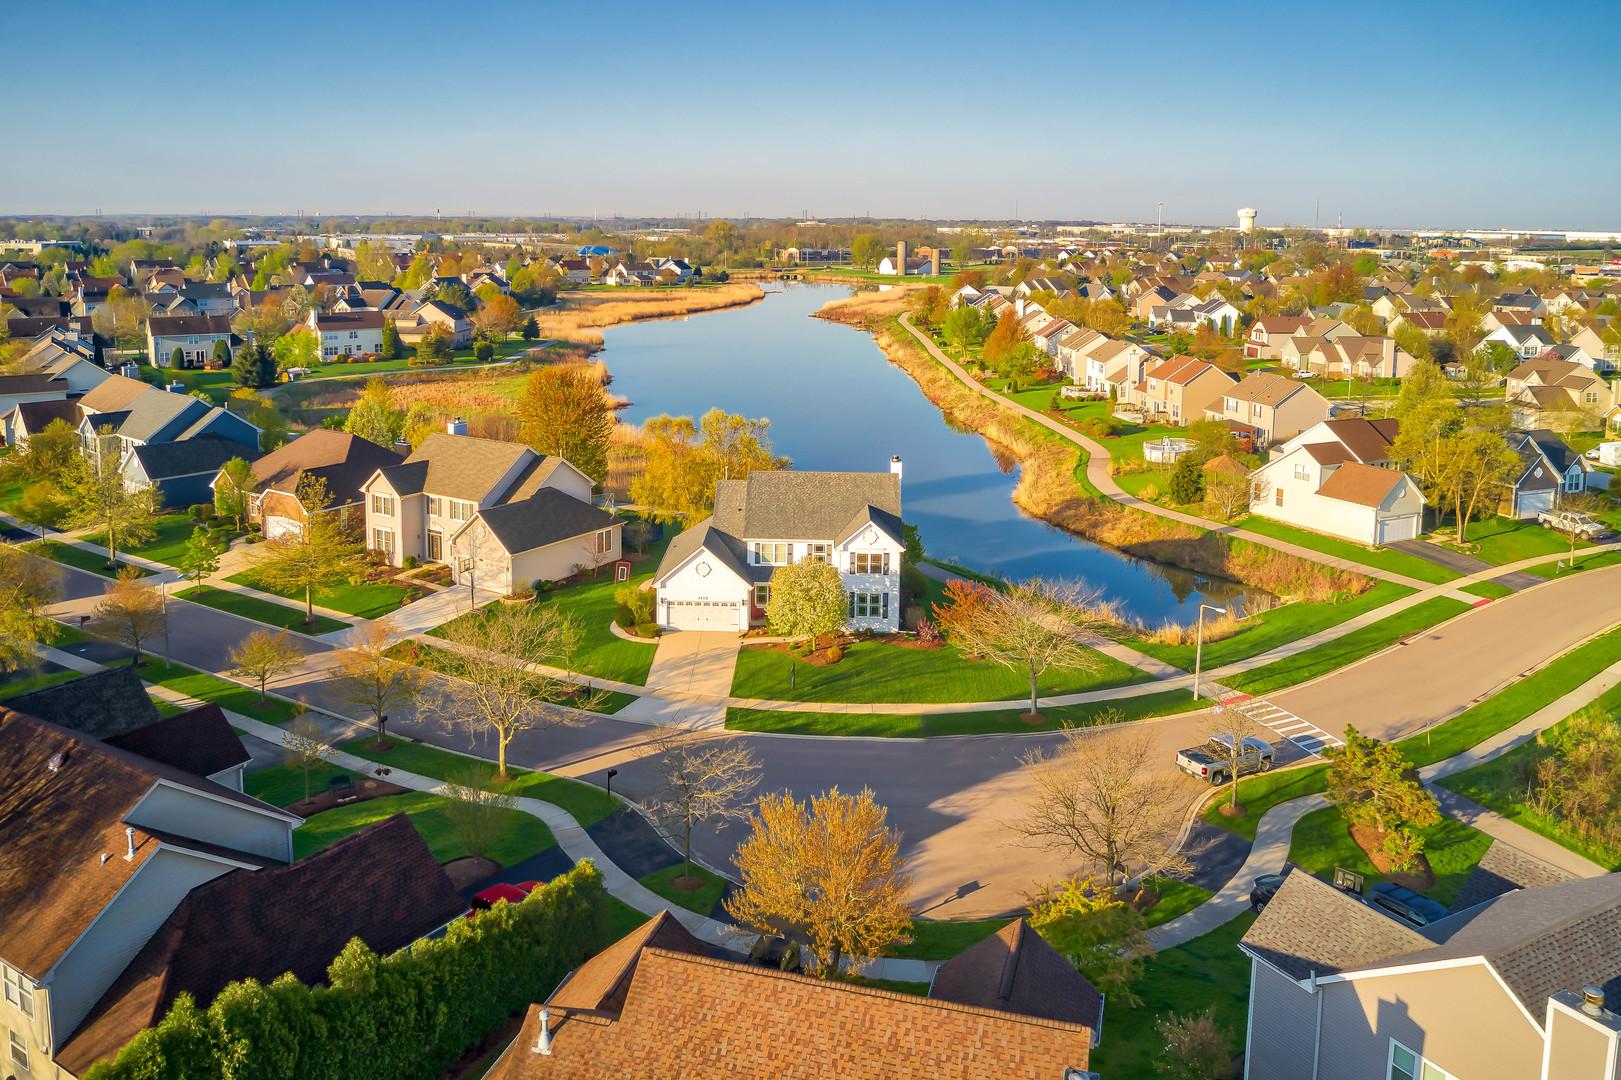 3125 Savannah, AURORA, Illinois, 60502